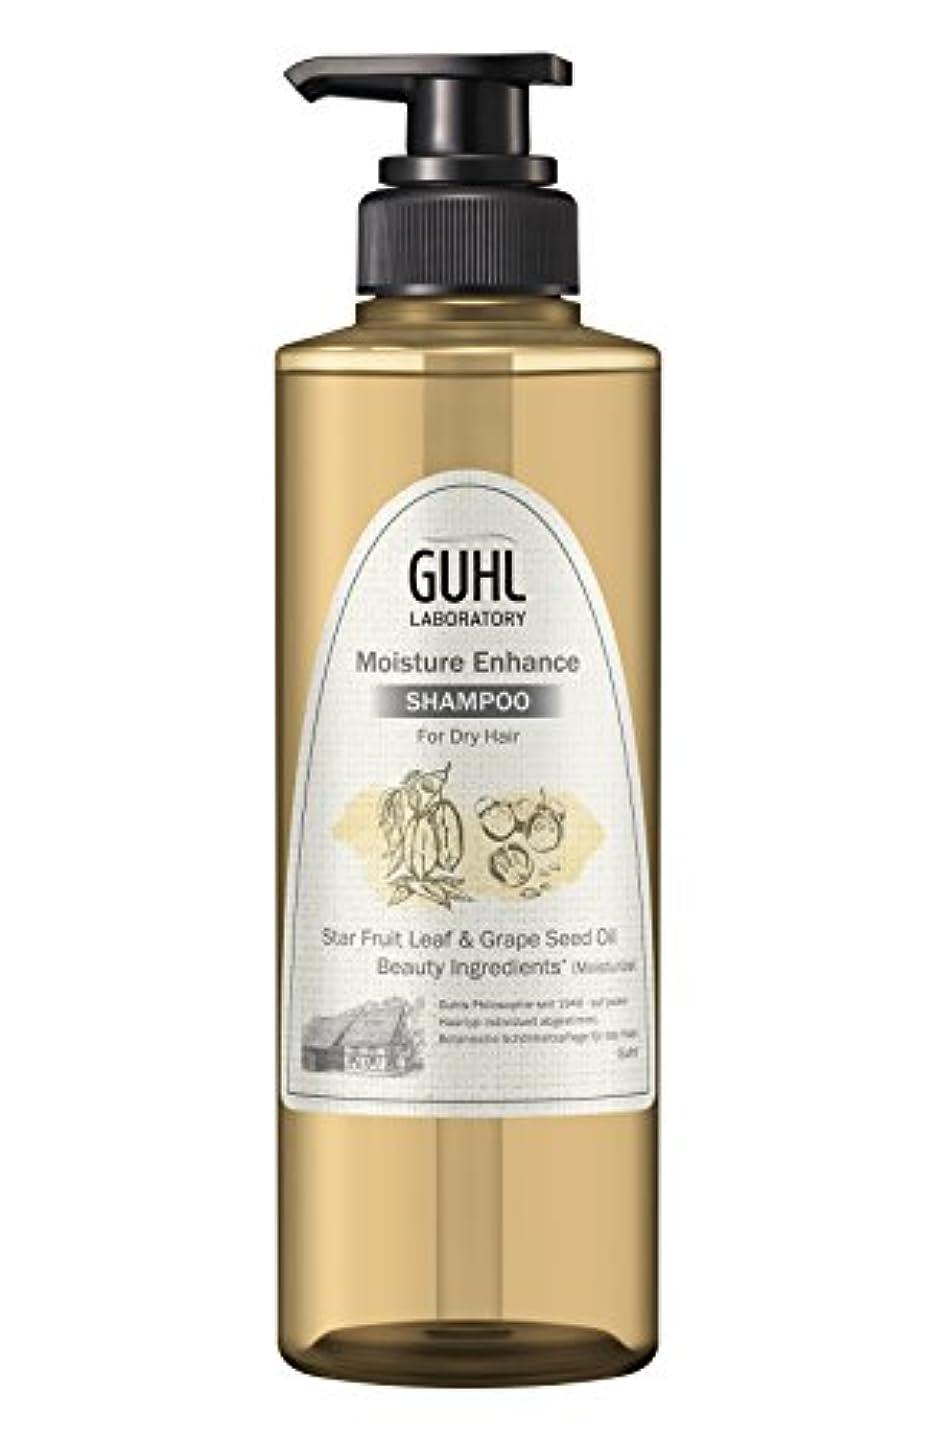 グール ラボラトリー ノンシリコンシャンプー (乾燥しやすい髪に) 植物美容 ヘアケア [ノンシリコン 処方] モイスチャーエンハンス 430ml